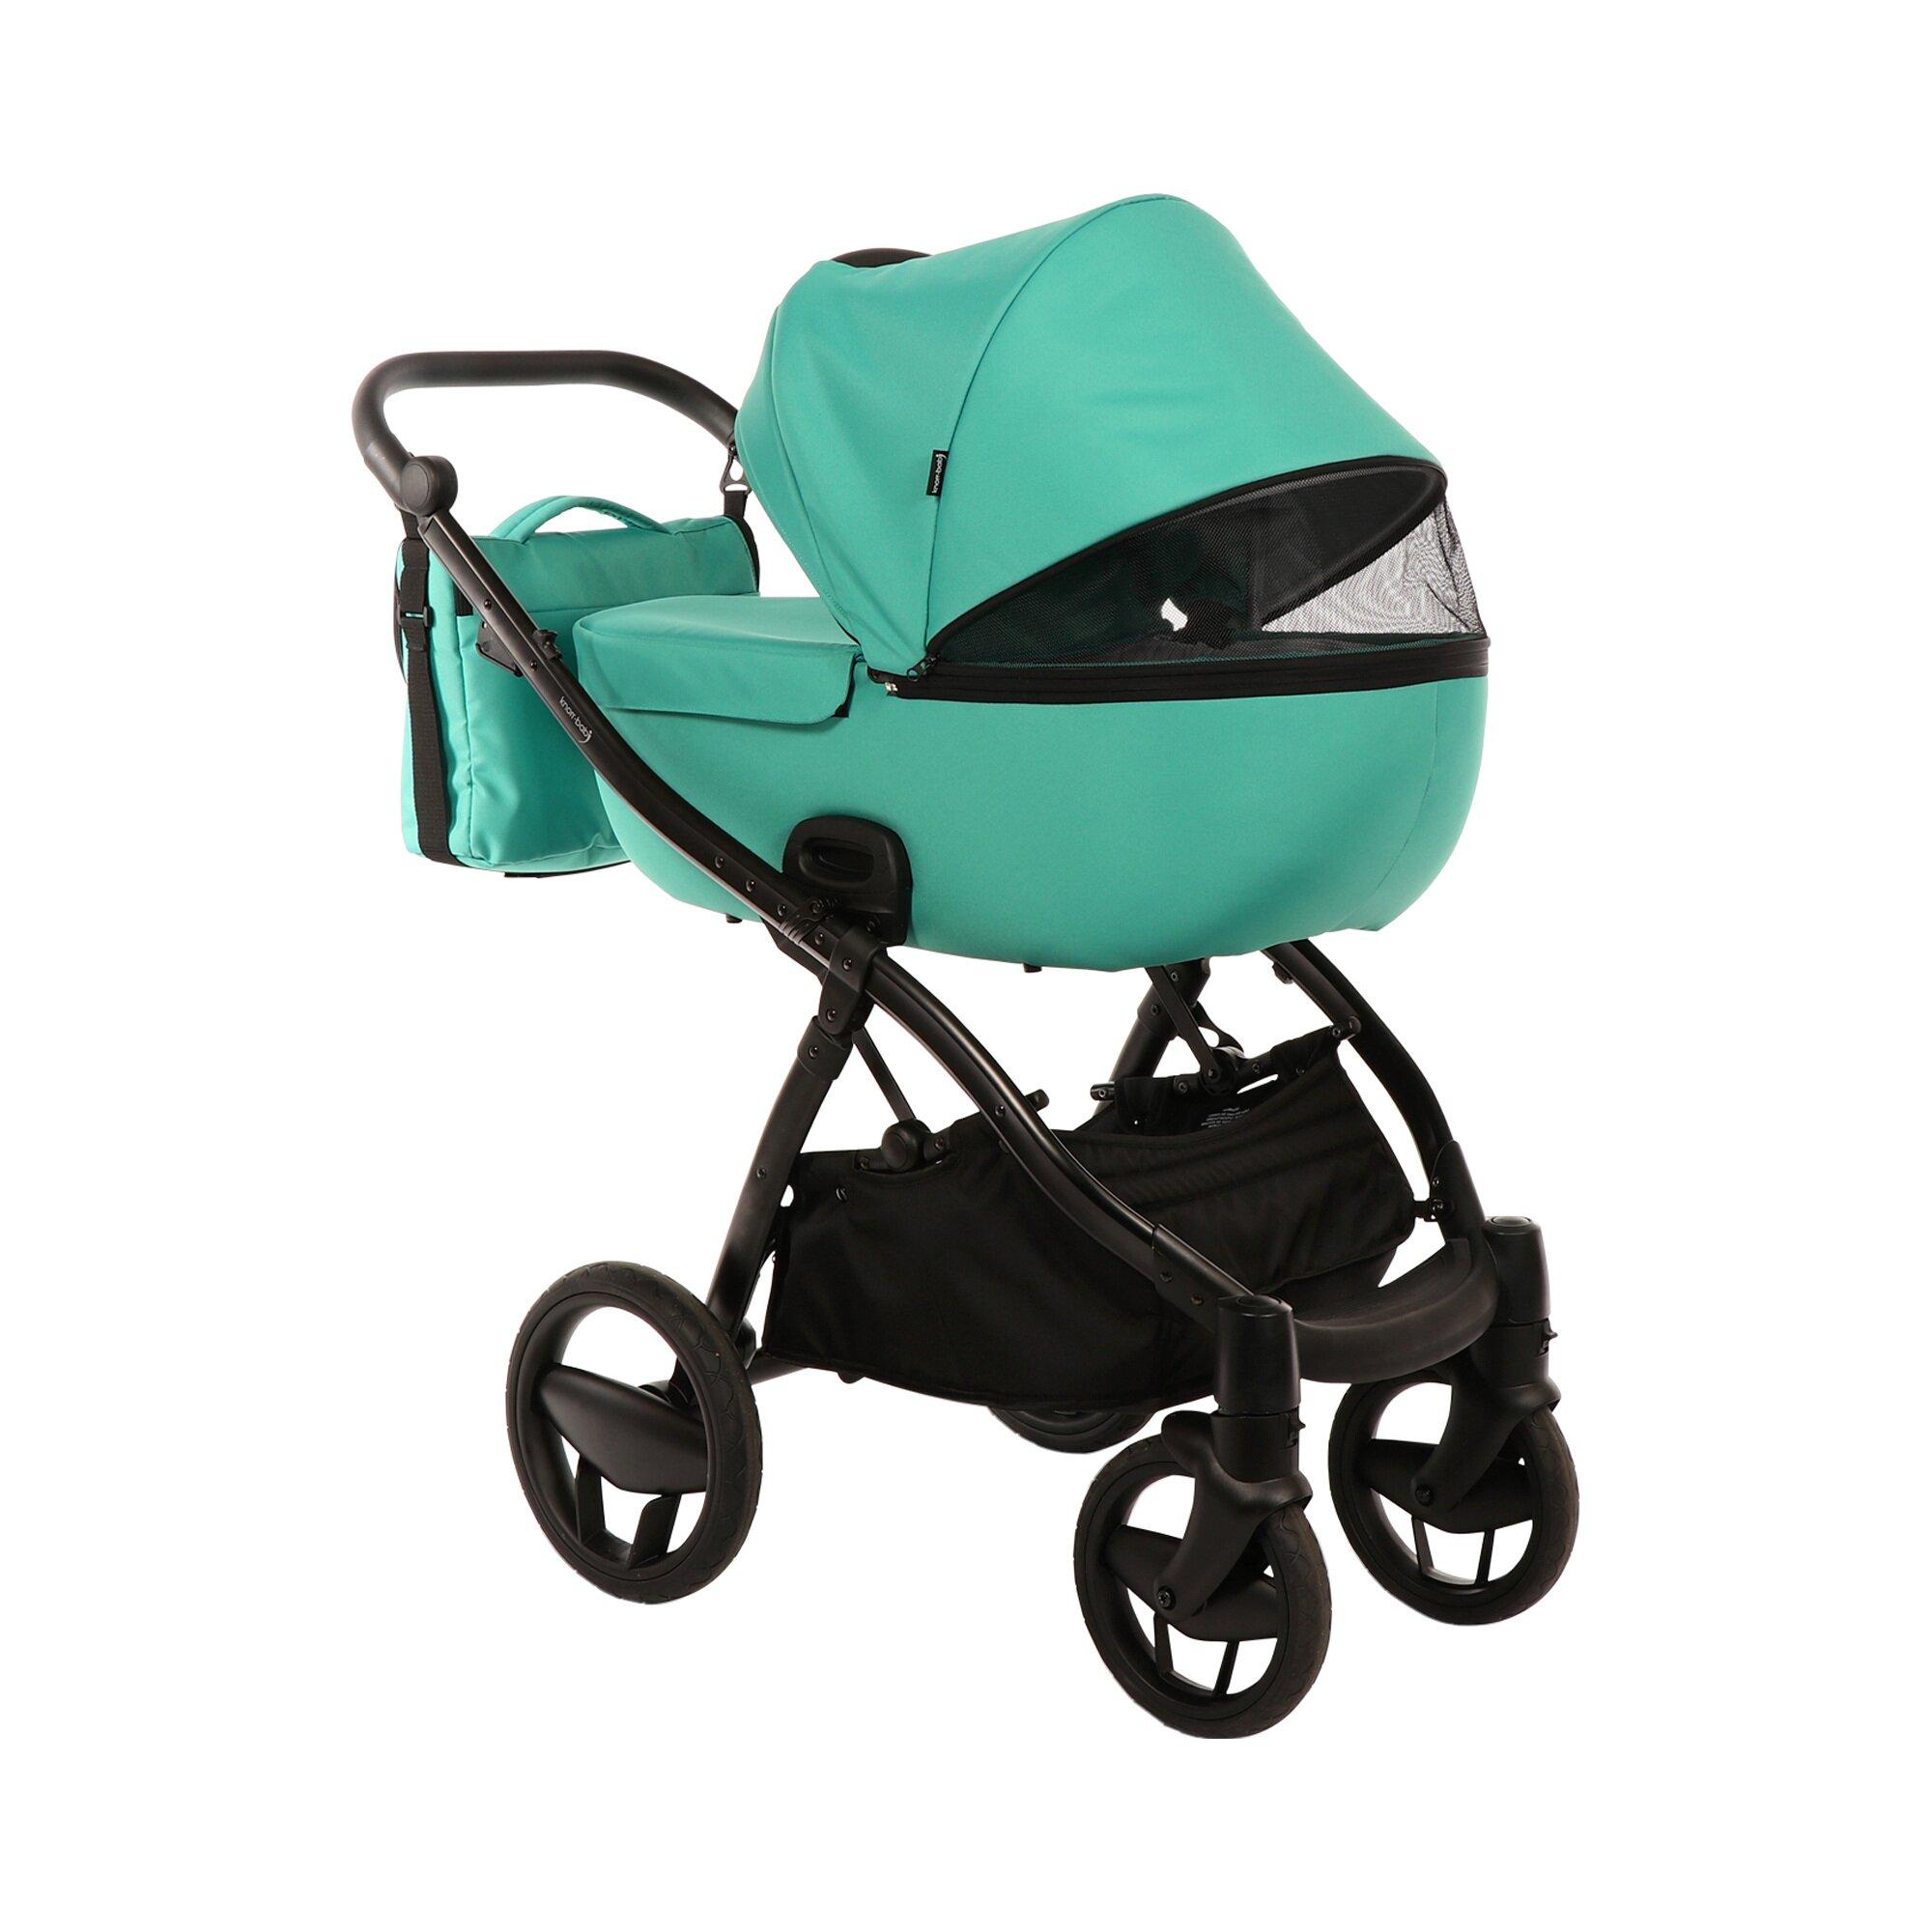 knorr-baby-piquetto-kombikinderwagen-gruen